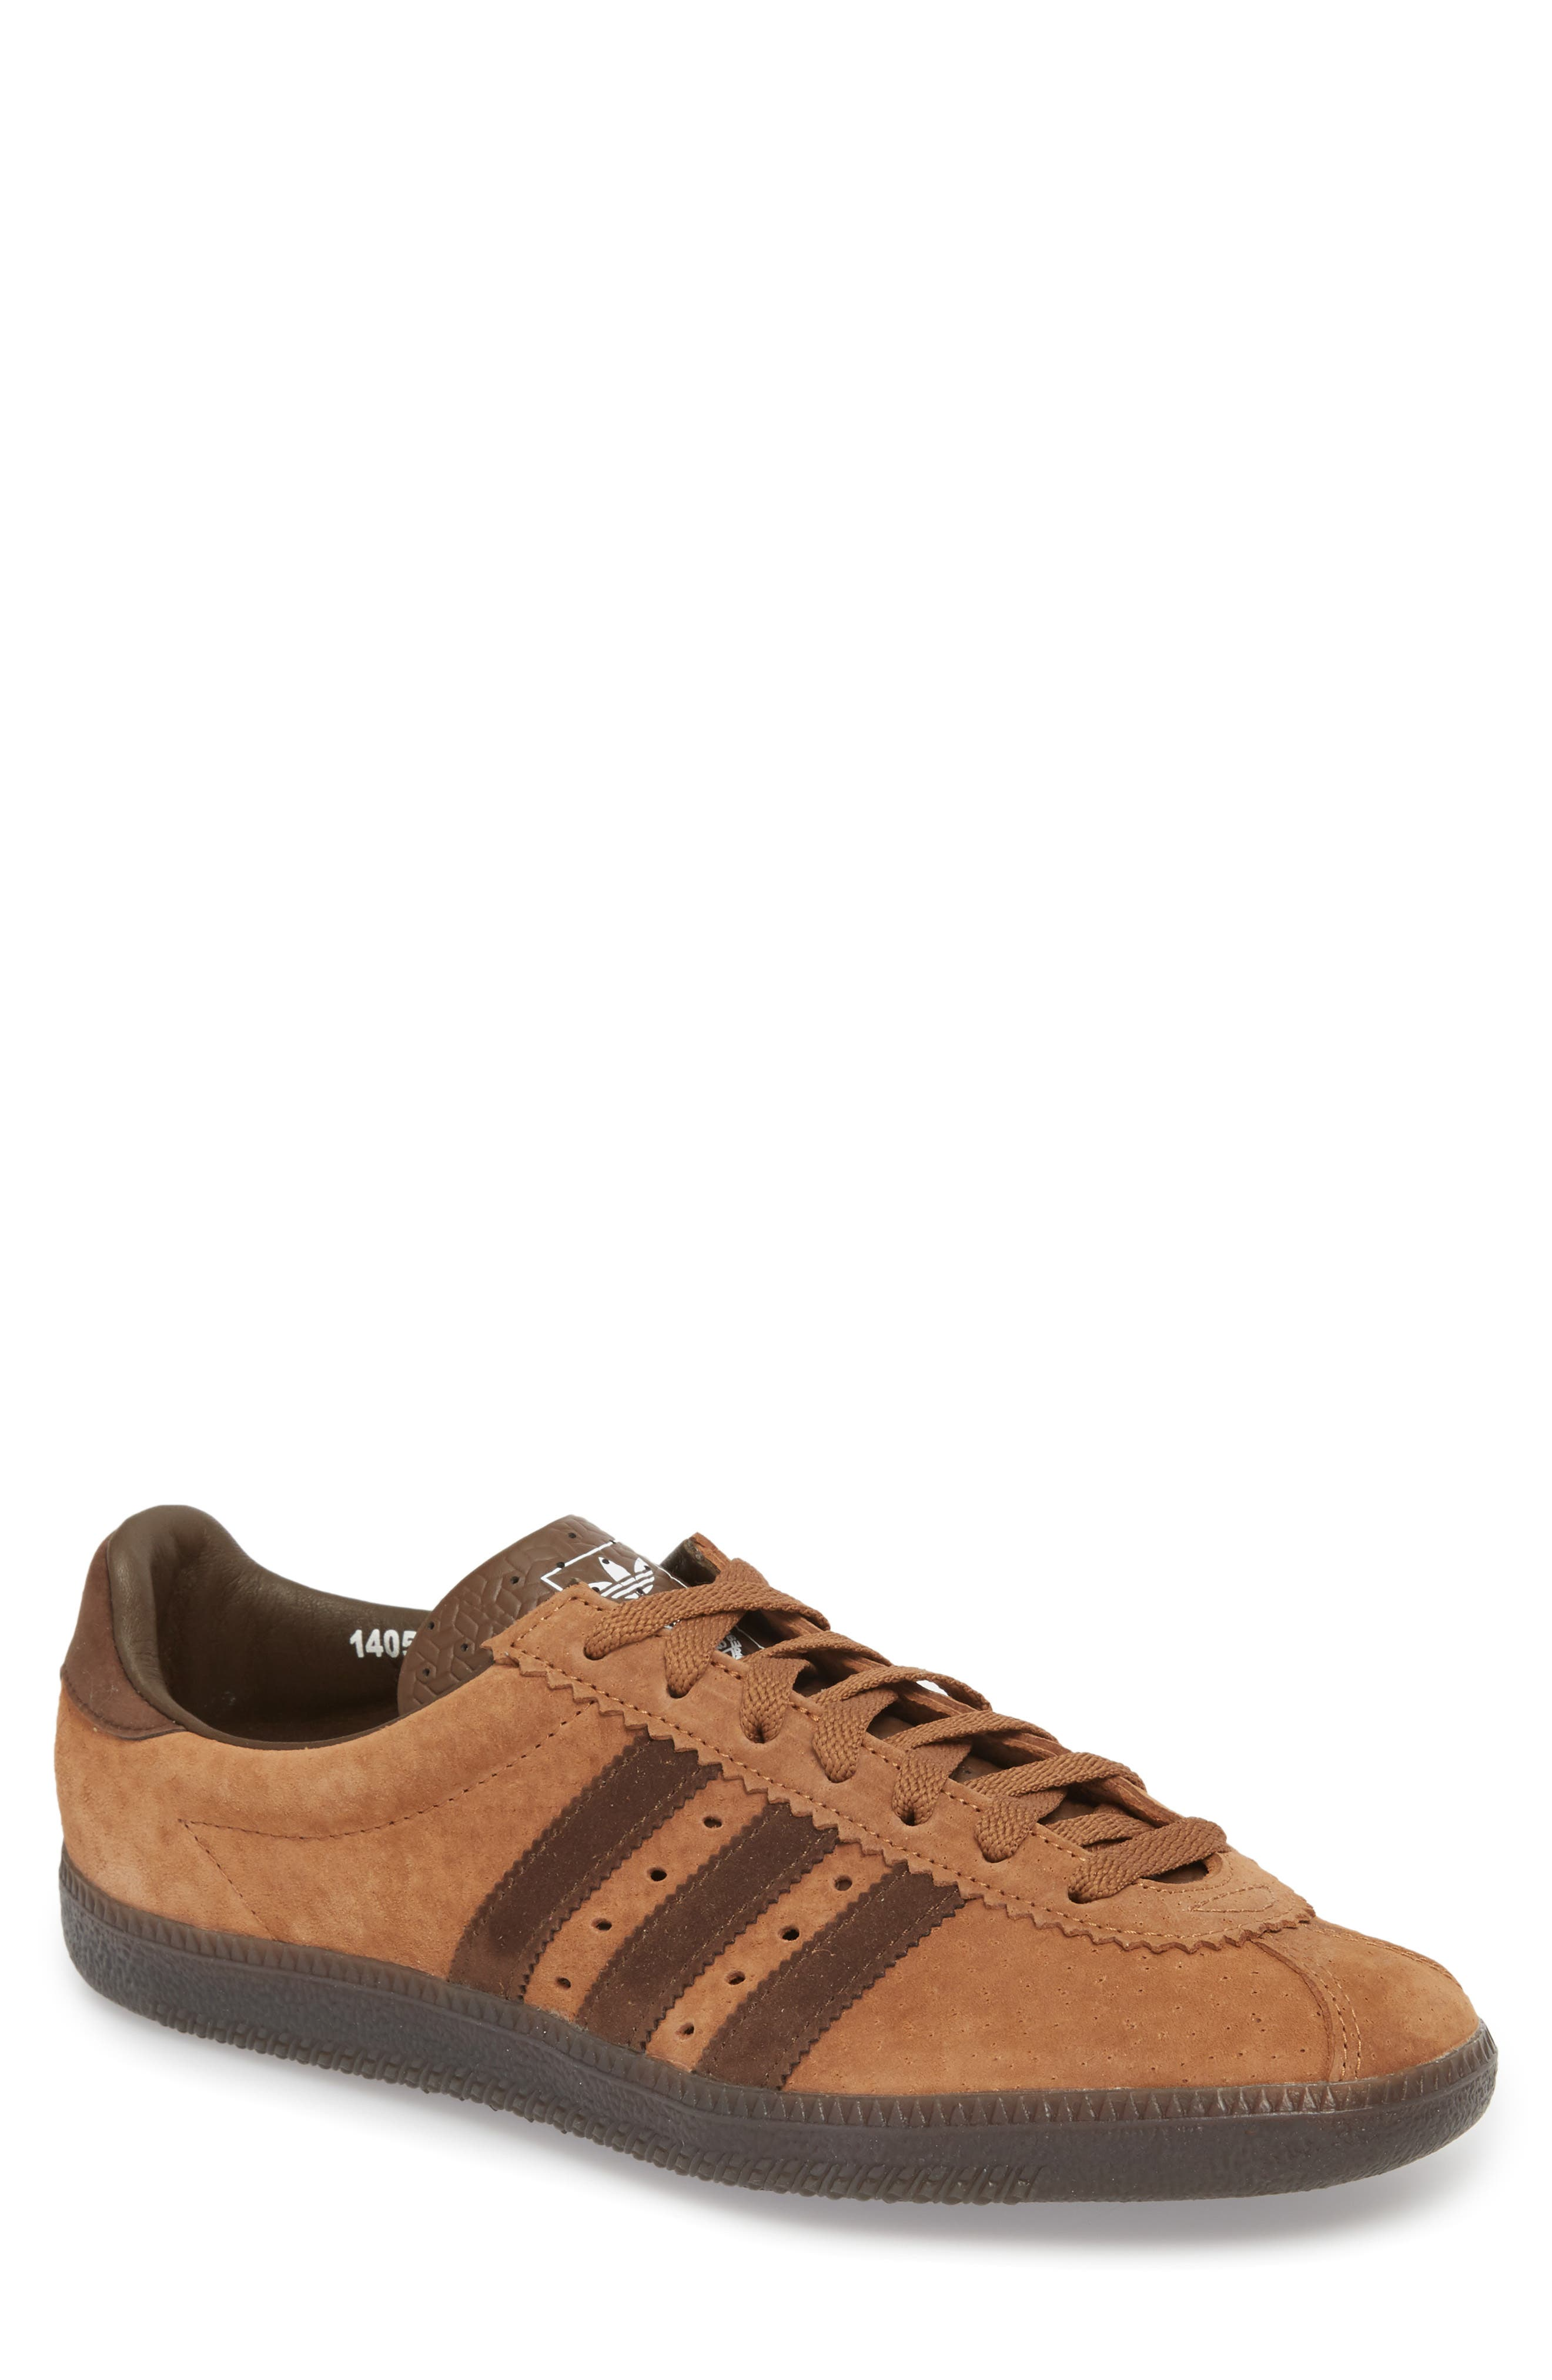 Padiham SPZL Sneaker,                             Main thumbnail 1, color,                             200